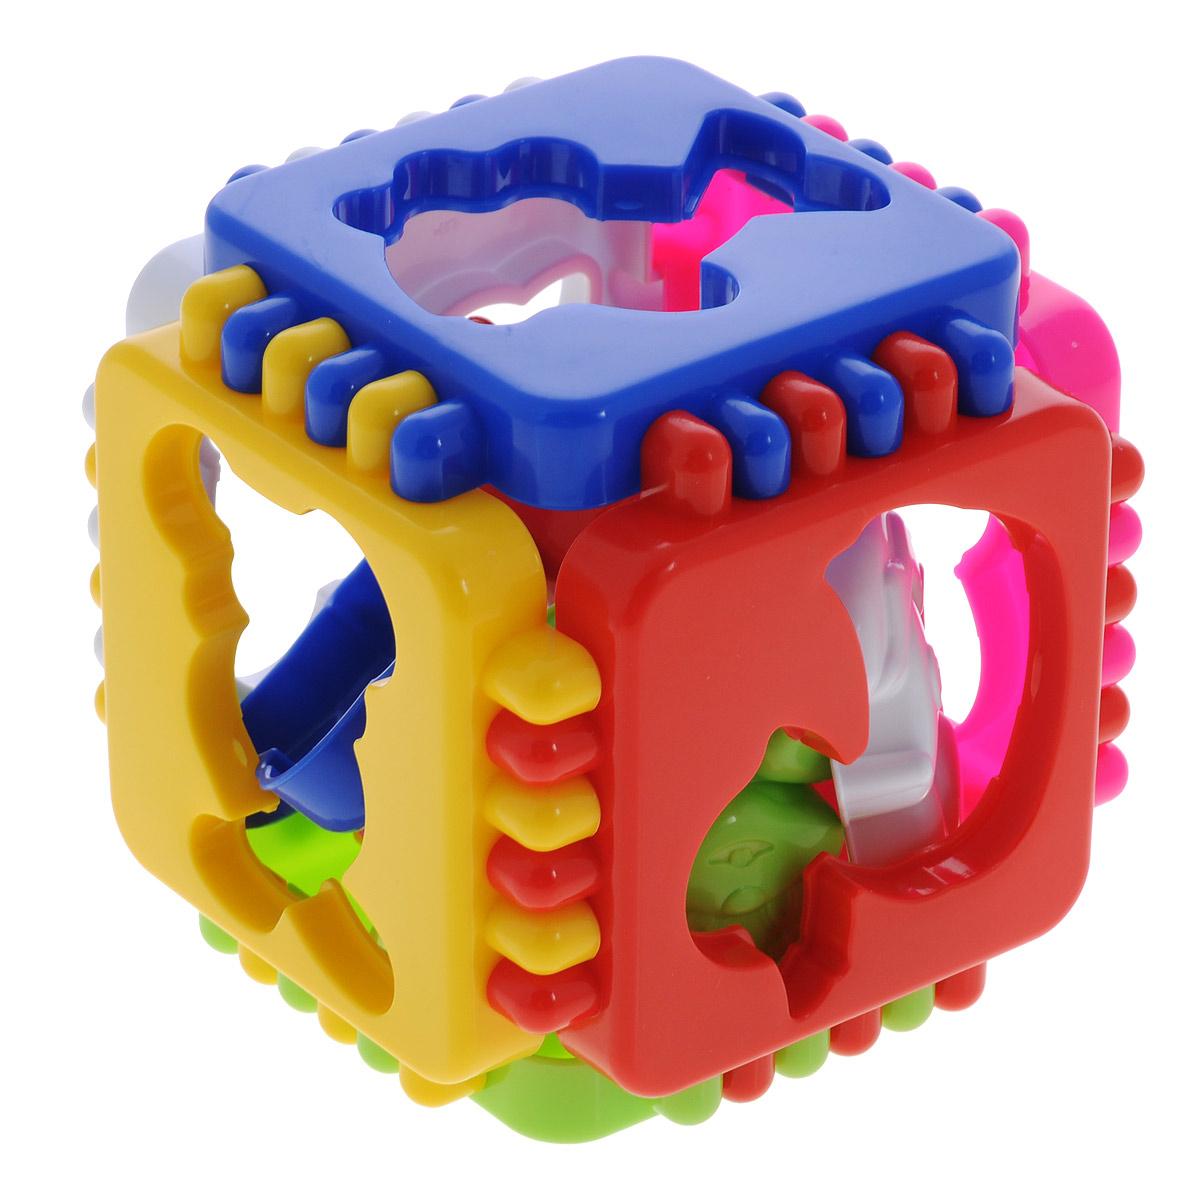 Развивающая игра-сортер Stellar Логический кубик. Веселые зверята01326Развивающая игра-сортер Stellar Логический кубик Веселые зверята обязательно понравится вашему малышу и доставит ему много удовольствия от часов, посвященных игре с ней. Игрушка выполнена из полипропилена в виде разбирающегося кубика с шестью отверстиями для фигурок в виде разных зверят, входящих в комплект. Каждой грани соответствует по форме отверстия определенная фигурка. Задача малыша - правильно подобрать соответствующие элементы. Логические игры вырабатывают умение узнавать и различать форму или изображение предмета, его цвет, развивают творческое и пространственное воображение, абстрактное мышление, а также учат классифицировать, обобщать и сравнивать. Порадуйте малыша такой яркой игрушкой!